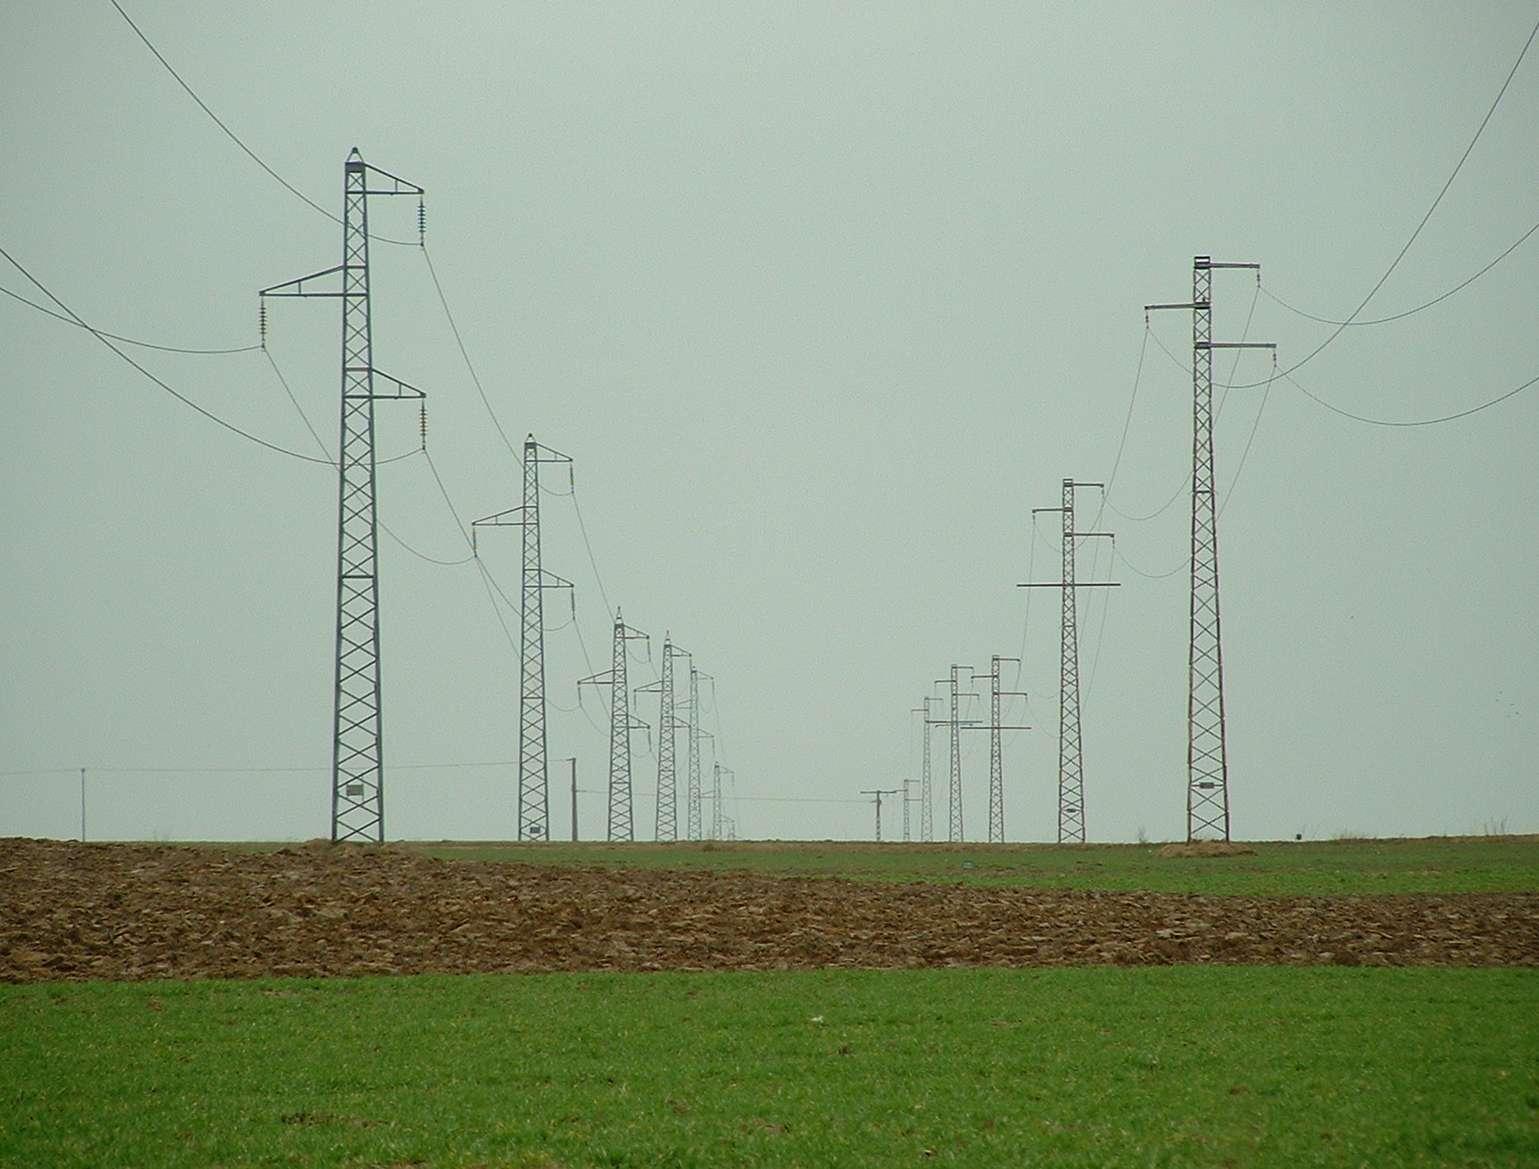 L'effacement de la consommation électrique participe au maintien de l'équilibre du réseau. © Olivier Bacquet, Flickr, CC by 2.0